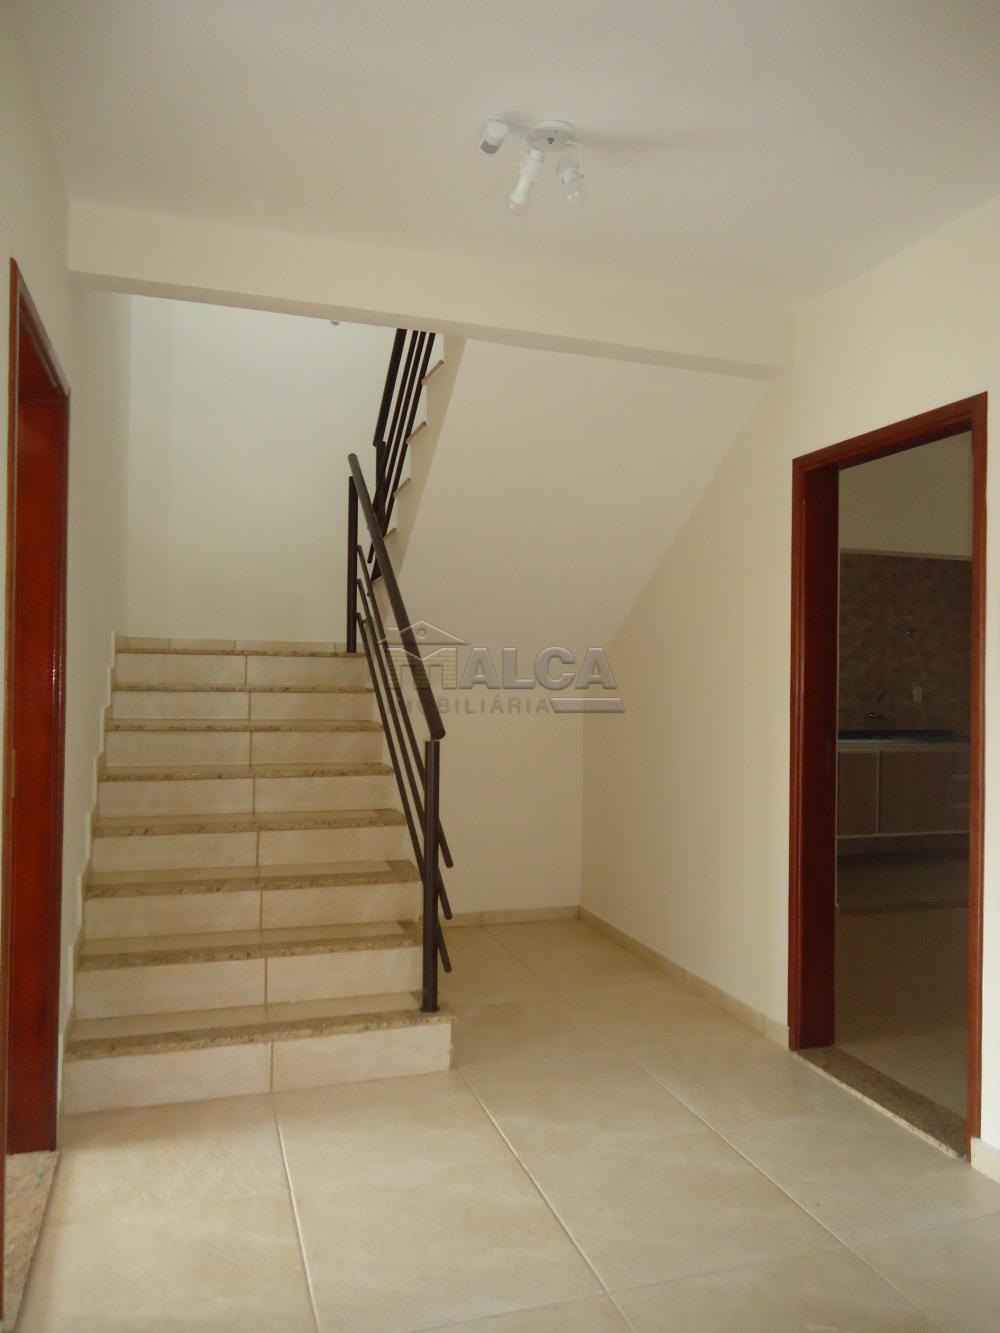 Alugar Apartamentos / Padrão em São José do Rio Pardo R$ 935,00 - Foto 9